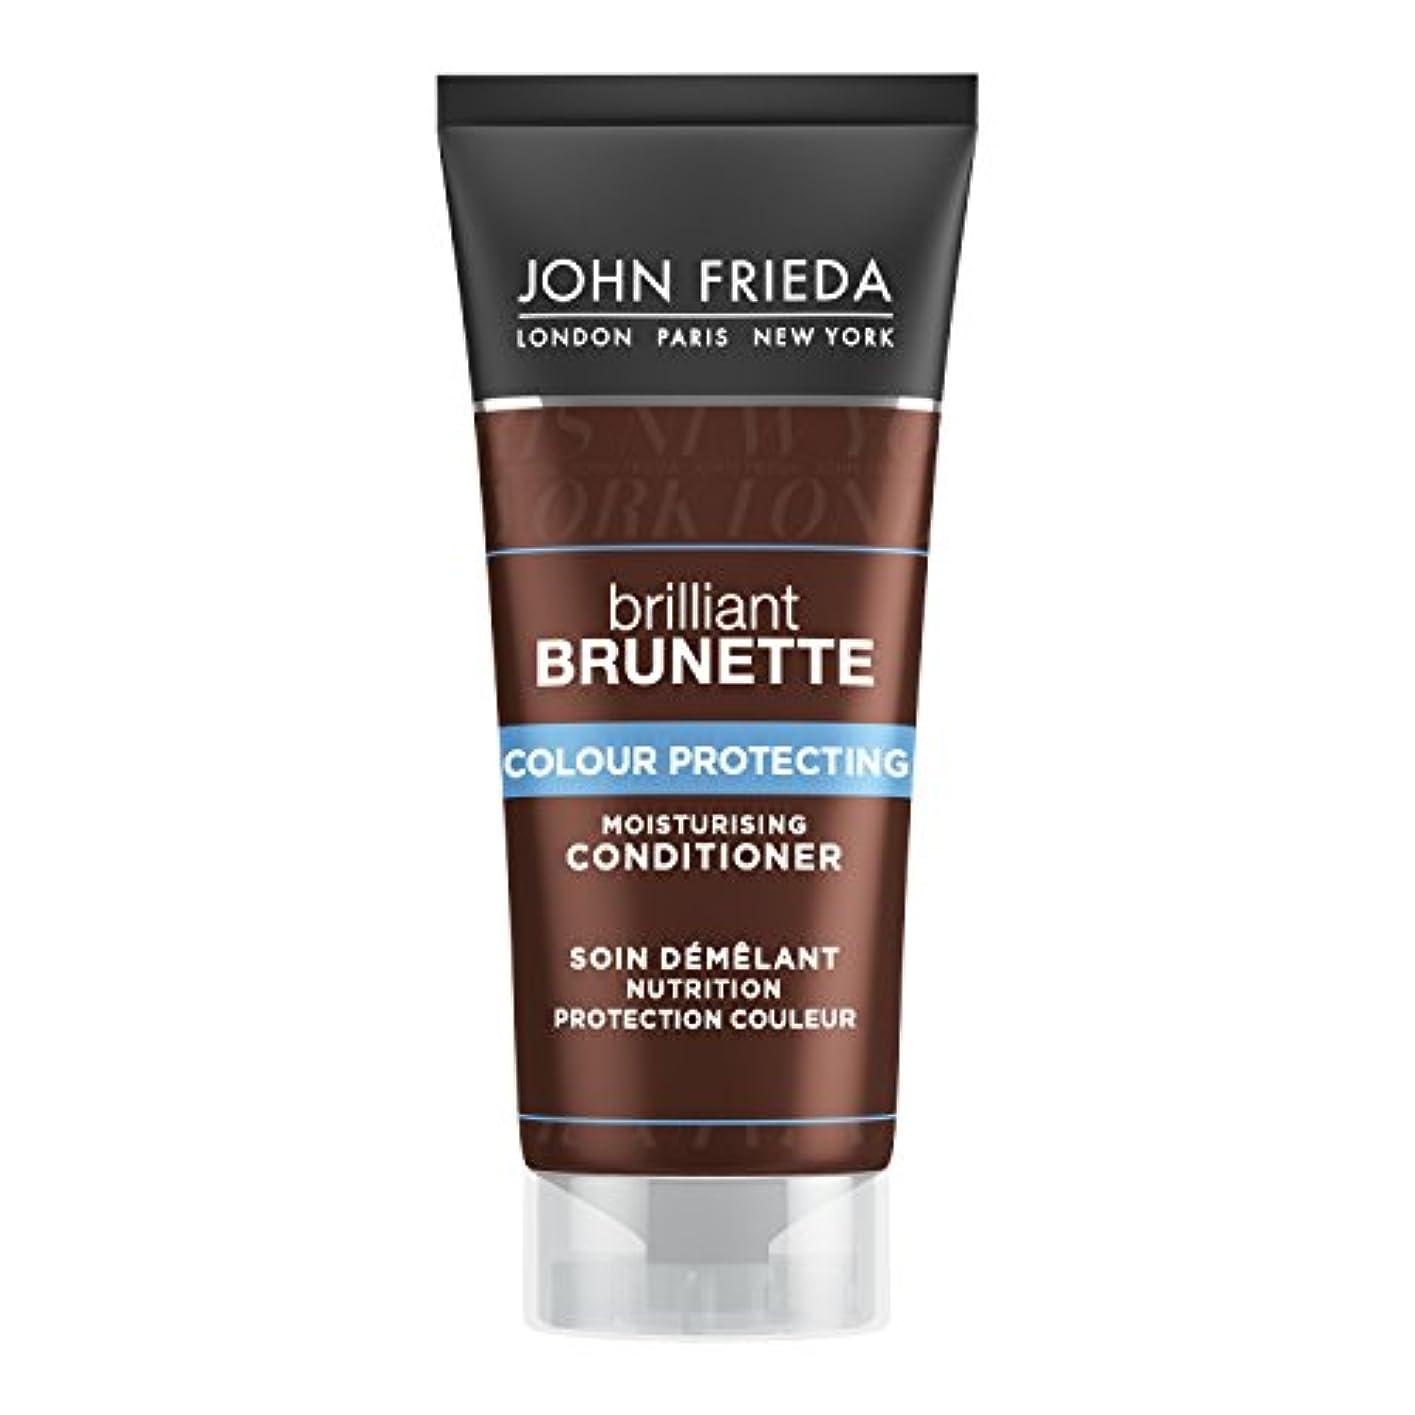 シャイ結論大きさJohn Frieda Brilliant Brunette Moisturising Conditioner Travel Size 50ml